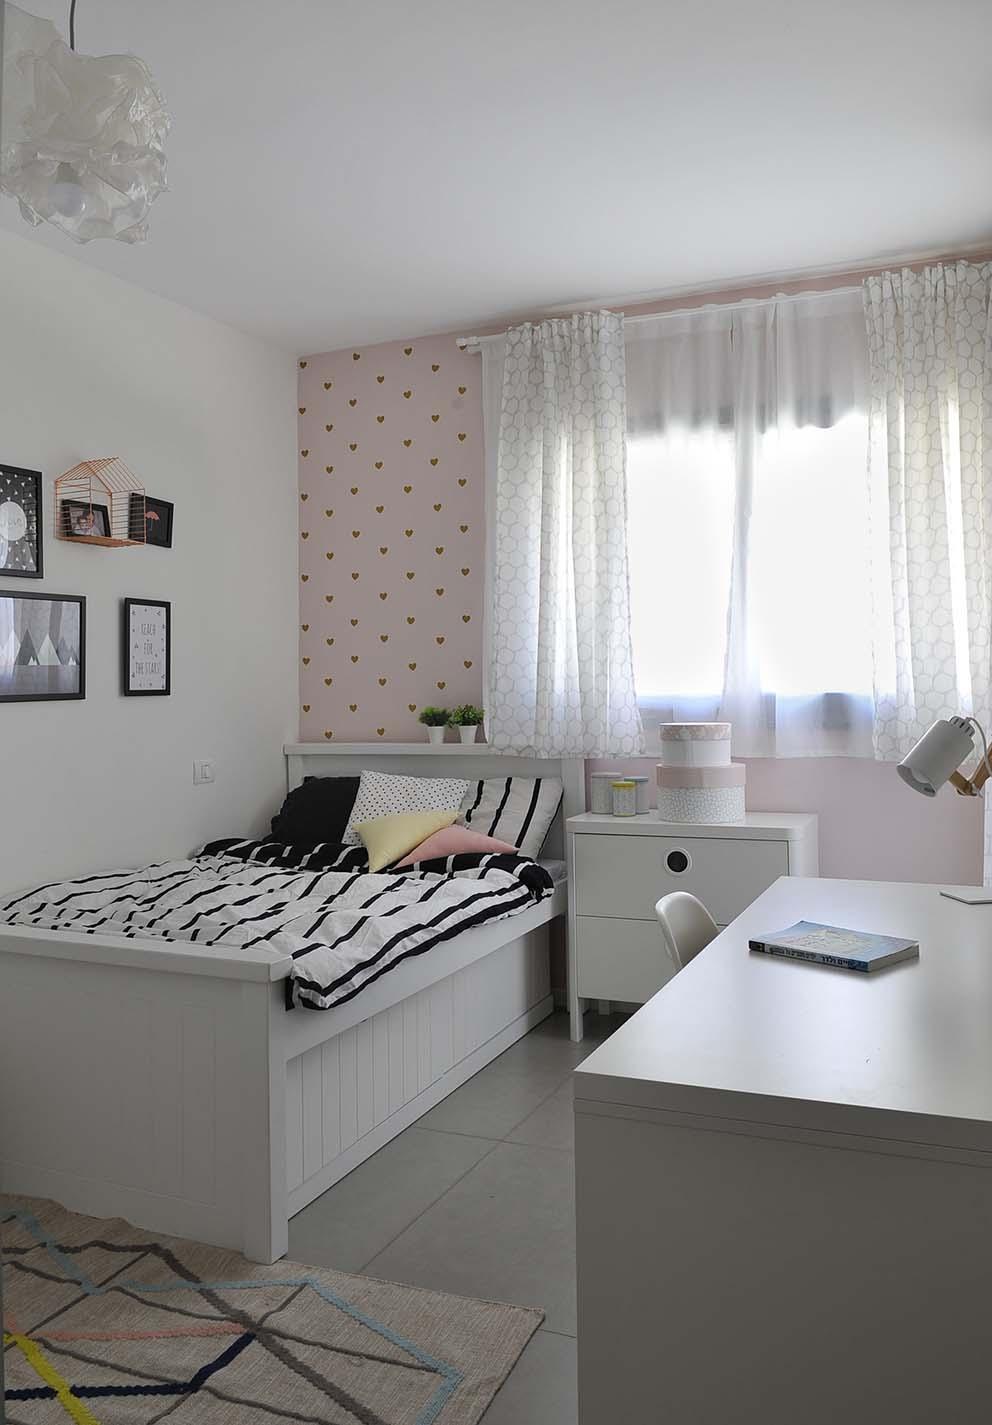 עיצוב: שרית זיו אלון, צילום: אורית אלפסי, www.pnim.co.il